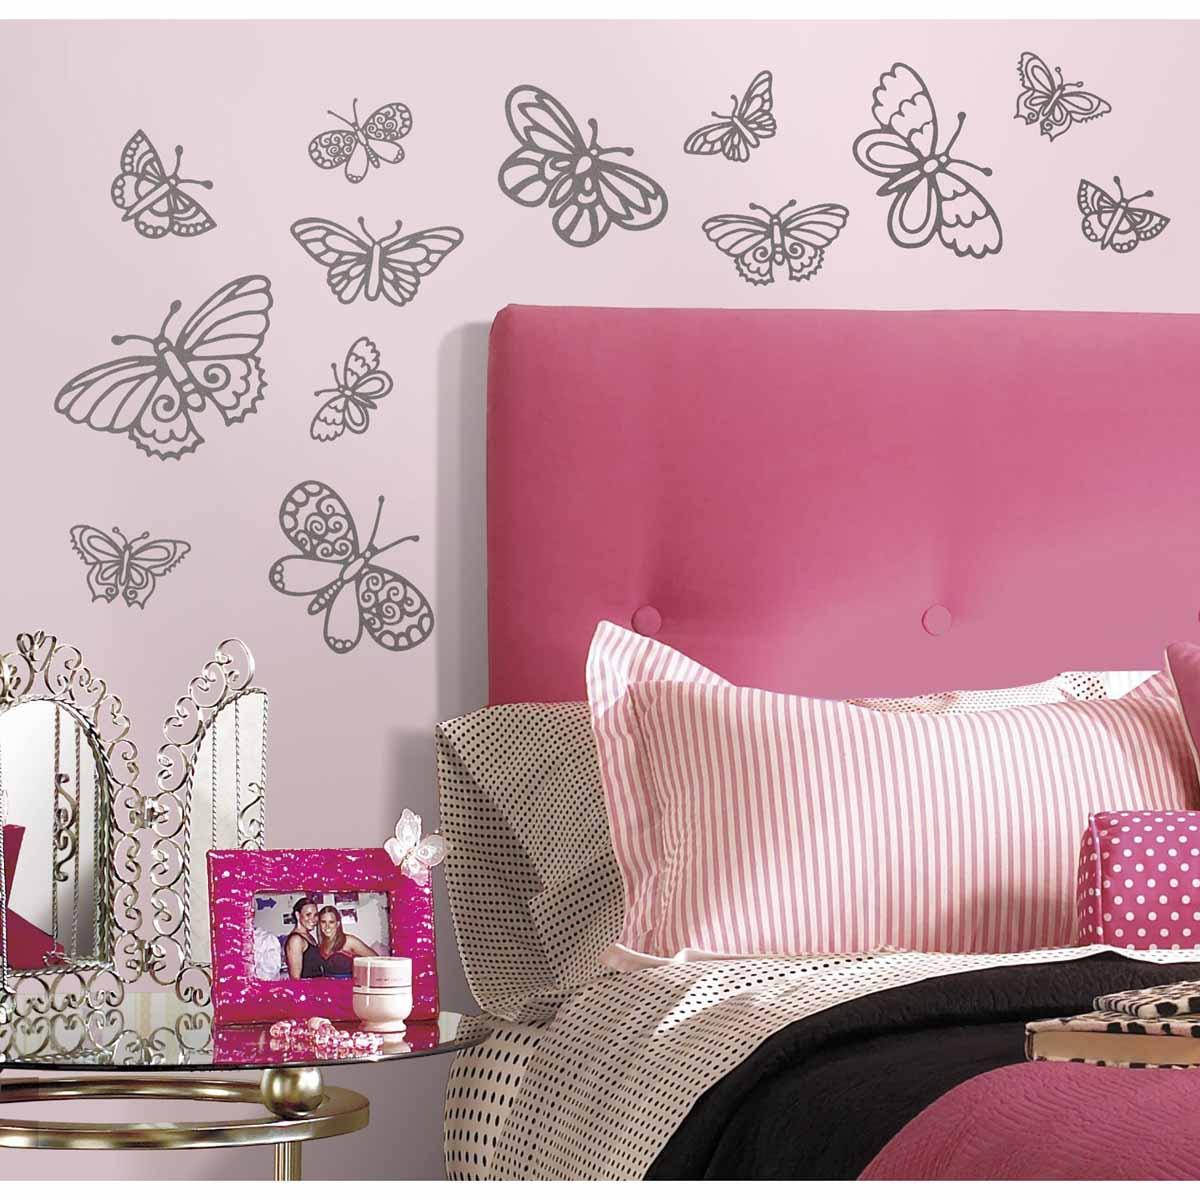 RoomMates Наклейка интерьерная Мерцающие бабочки 29 шт300250_Россия, синийИнтерьерная наклейка RoomMates Мерцающие бабочки обязательно станет украшением вашей квартиры.Придайте комнате новый вид с помощью стильного и оригинального набора наклеек для декора! Наклейки, входящие в набор, содержат изображения серебристых блестящих бабочек разного размера.Всего в наборе 29 стикеров. Наклейки не нужно вырезать - их следует просто отсоединить от защитного слоя и поместить на стену или любую другую плоскую гладкую поверхность. Наклейки многоразовые: их легко переклеивать и снимать со стены, они не оставляют липких следов на поверхности. В каждой индивидуальной упаковке вы можете найти 4 листа с различными наклейками!